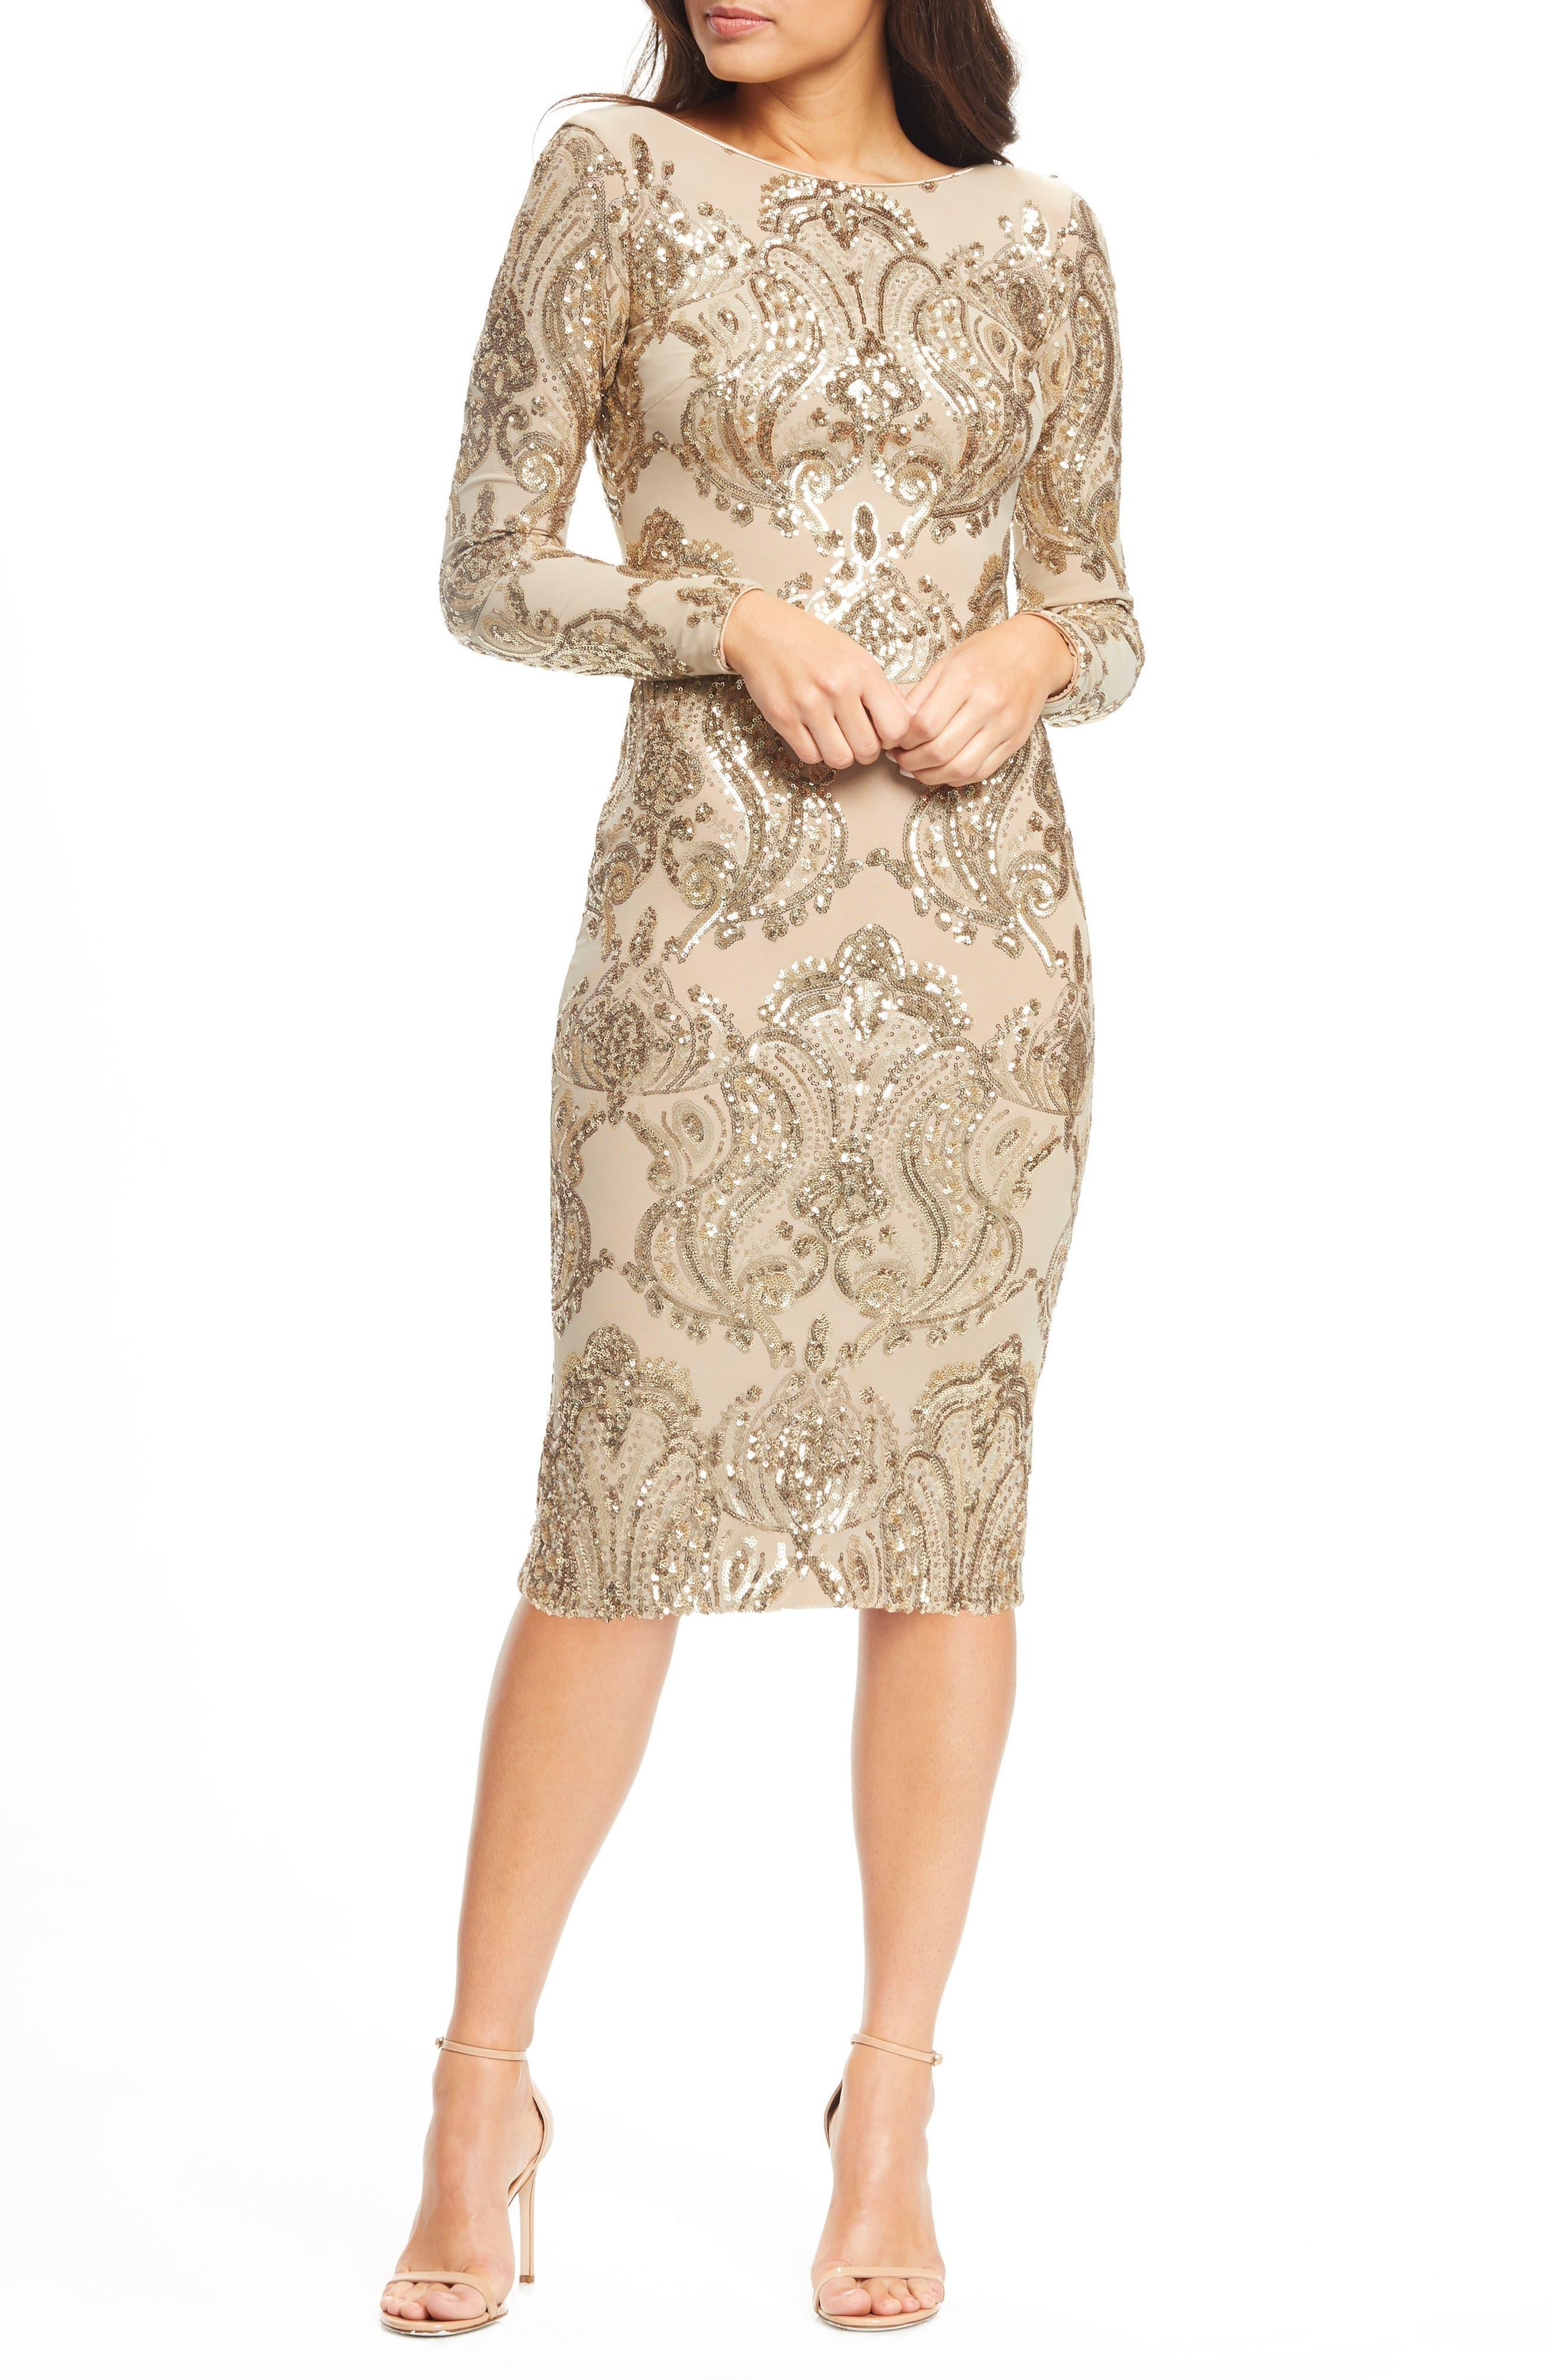 Sequin Dress Nordstrom